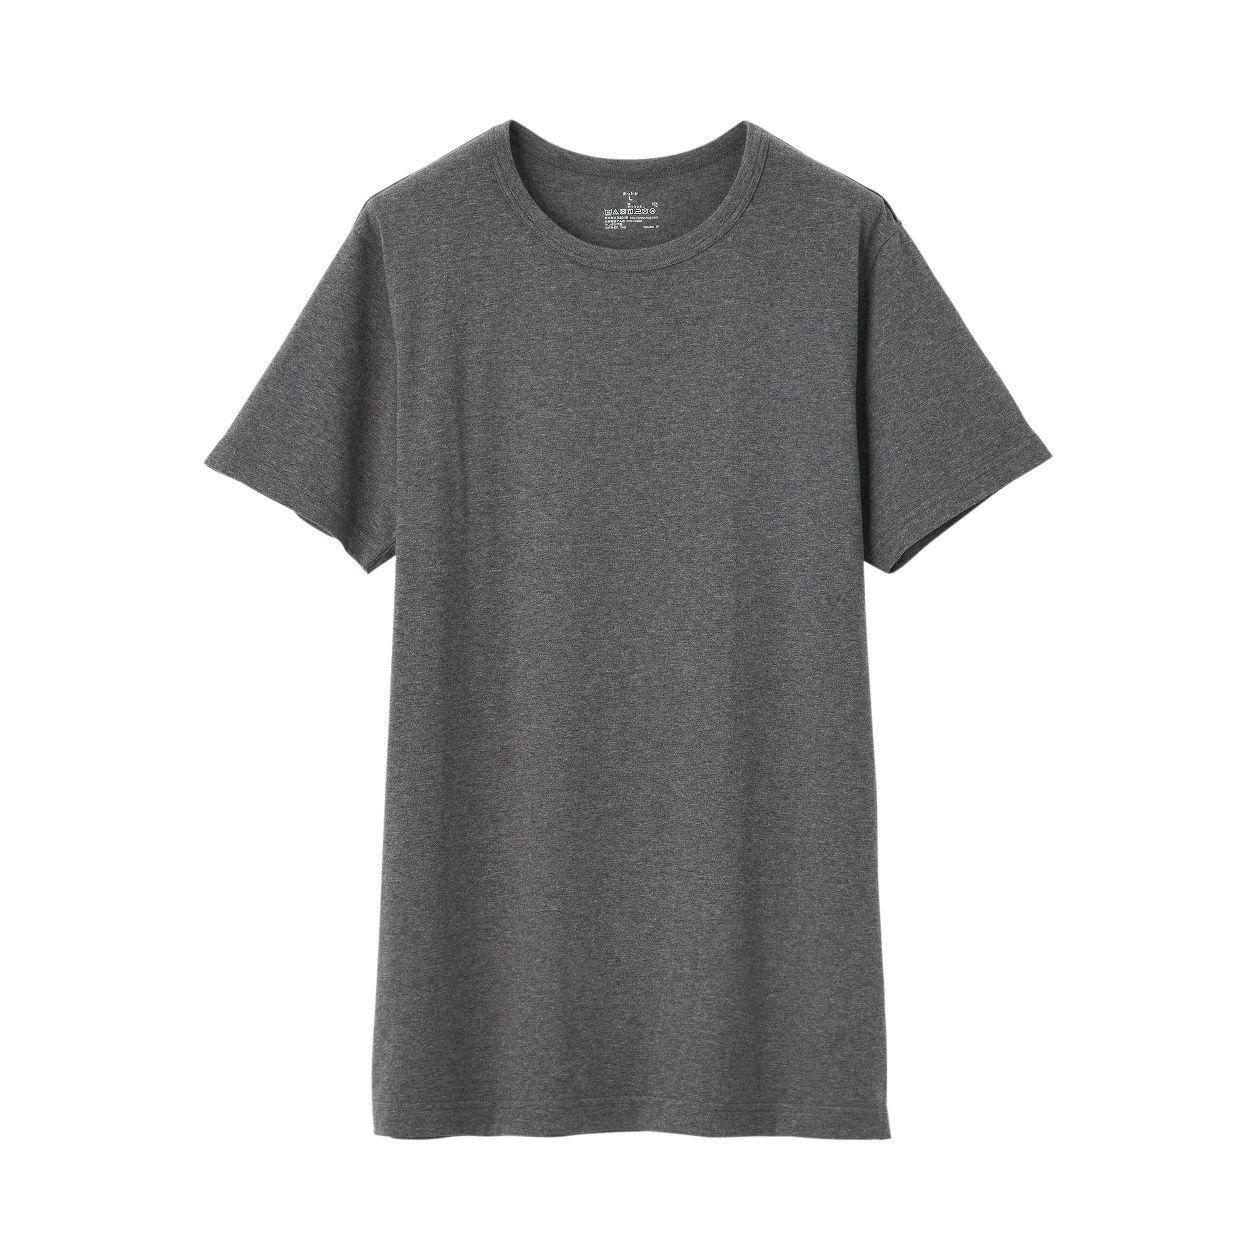 綿であったかクルーネック半袖Tシャツカラー写真02